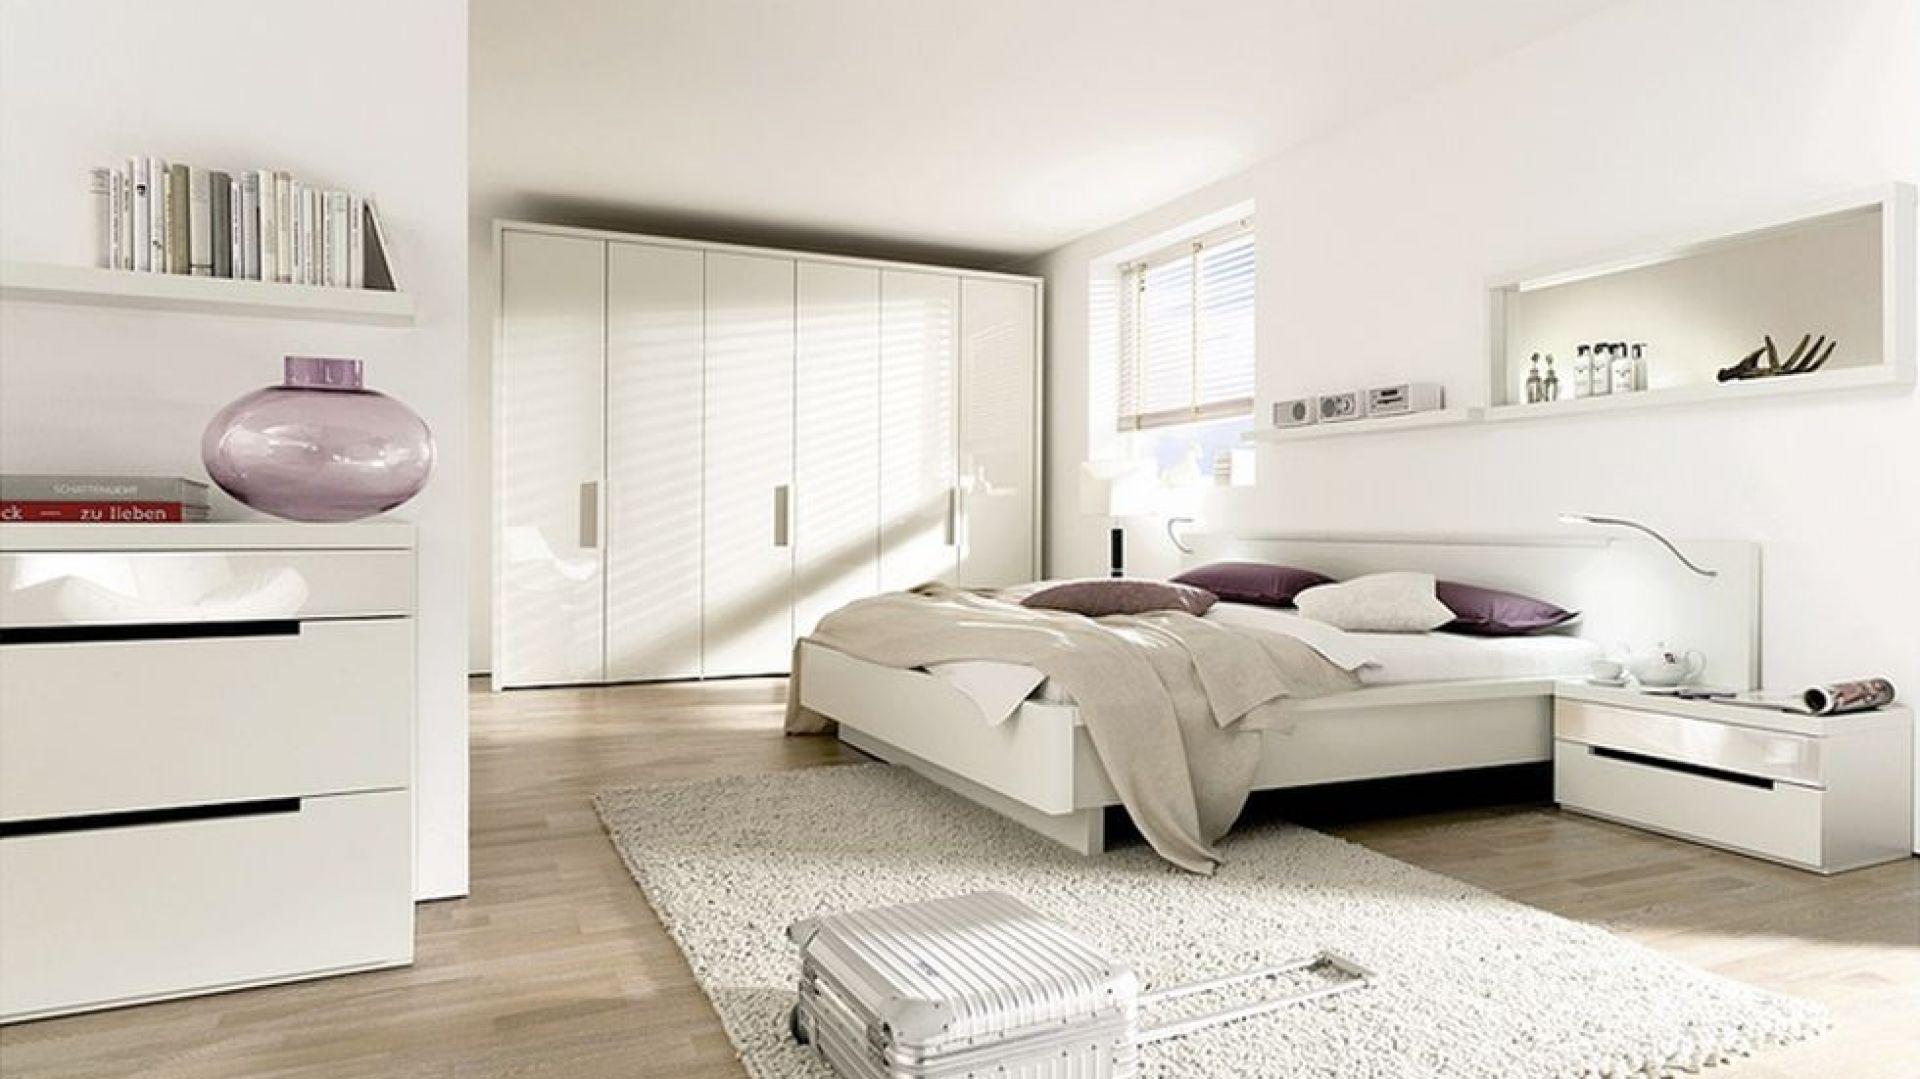 Biel w sypialni to doskonałe rozwiązanie do pomieszczeń małych, ponieważ je optycznie powiększa, ale w dużych sypialniach też nie powinno jej zabraknąć. Szczególnie, jeśli zależy nam na nieskrępowanej przestrzeni. Na zdjęciu kolekcja